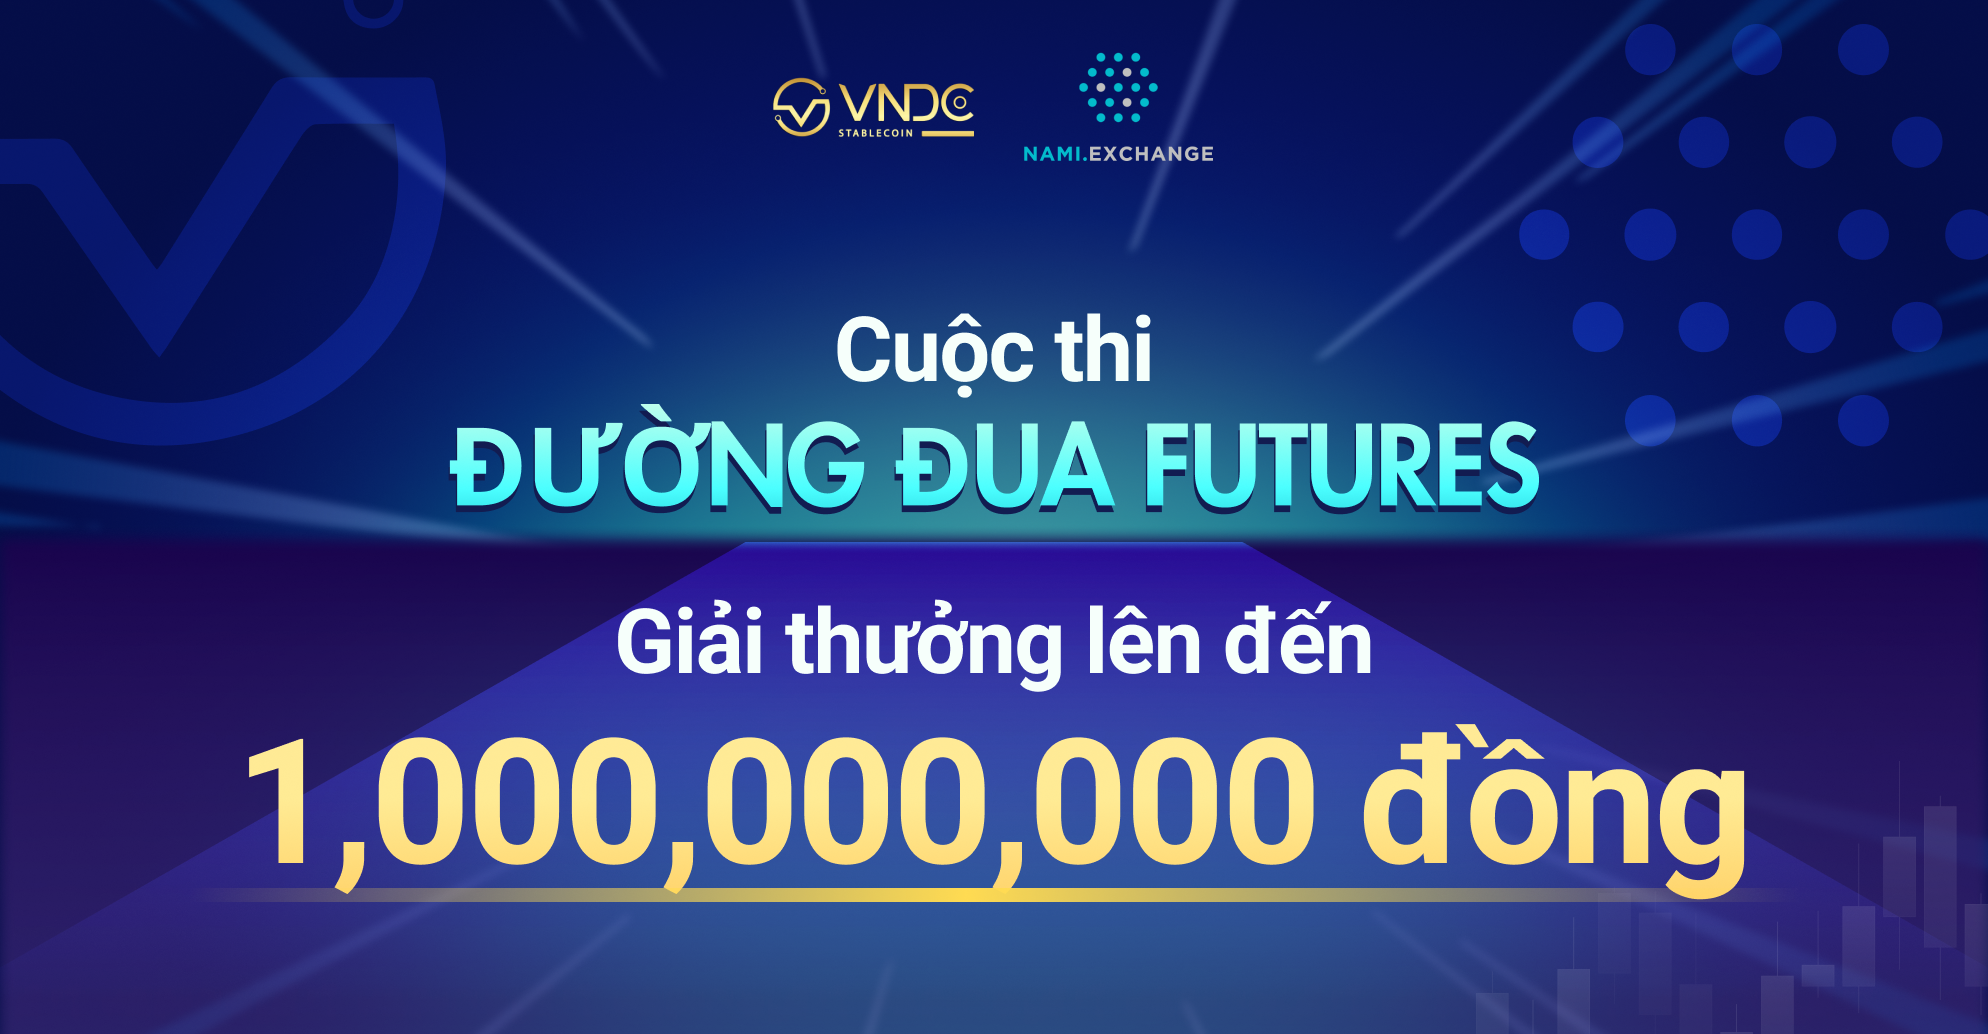 Nami và VNDC phối hợp tổ chức giải đấu giao dịch Futures, giải thưởng lên đến 1 tỷ đồng